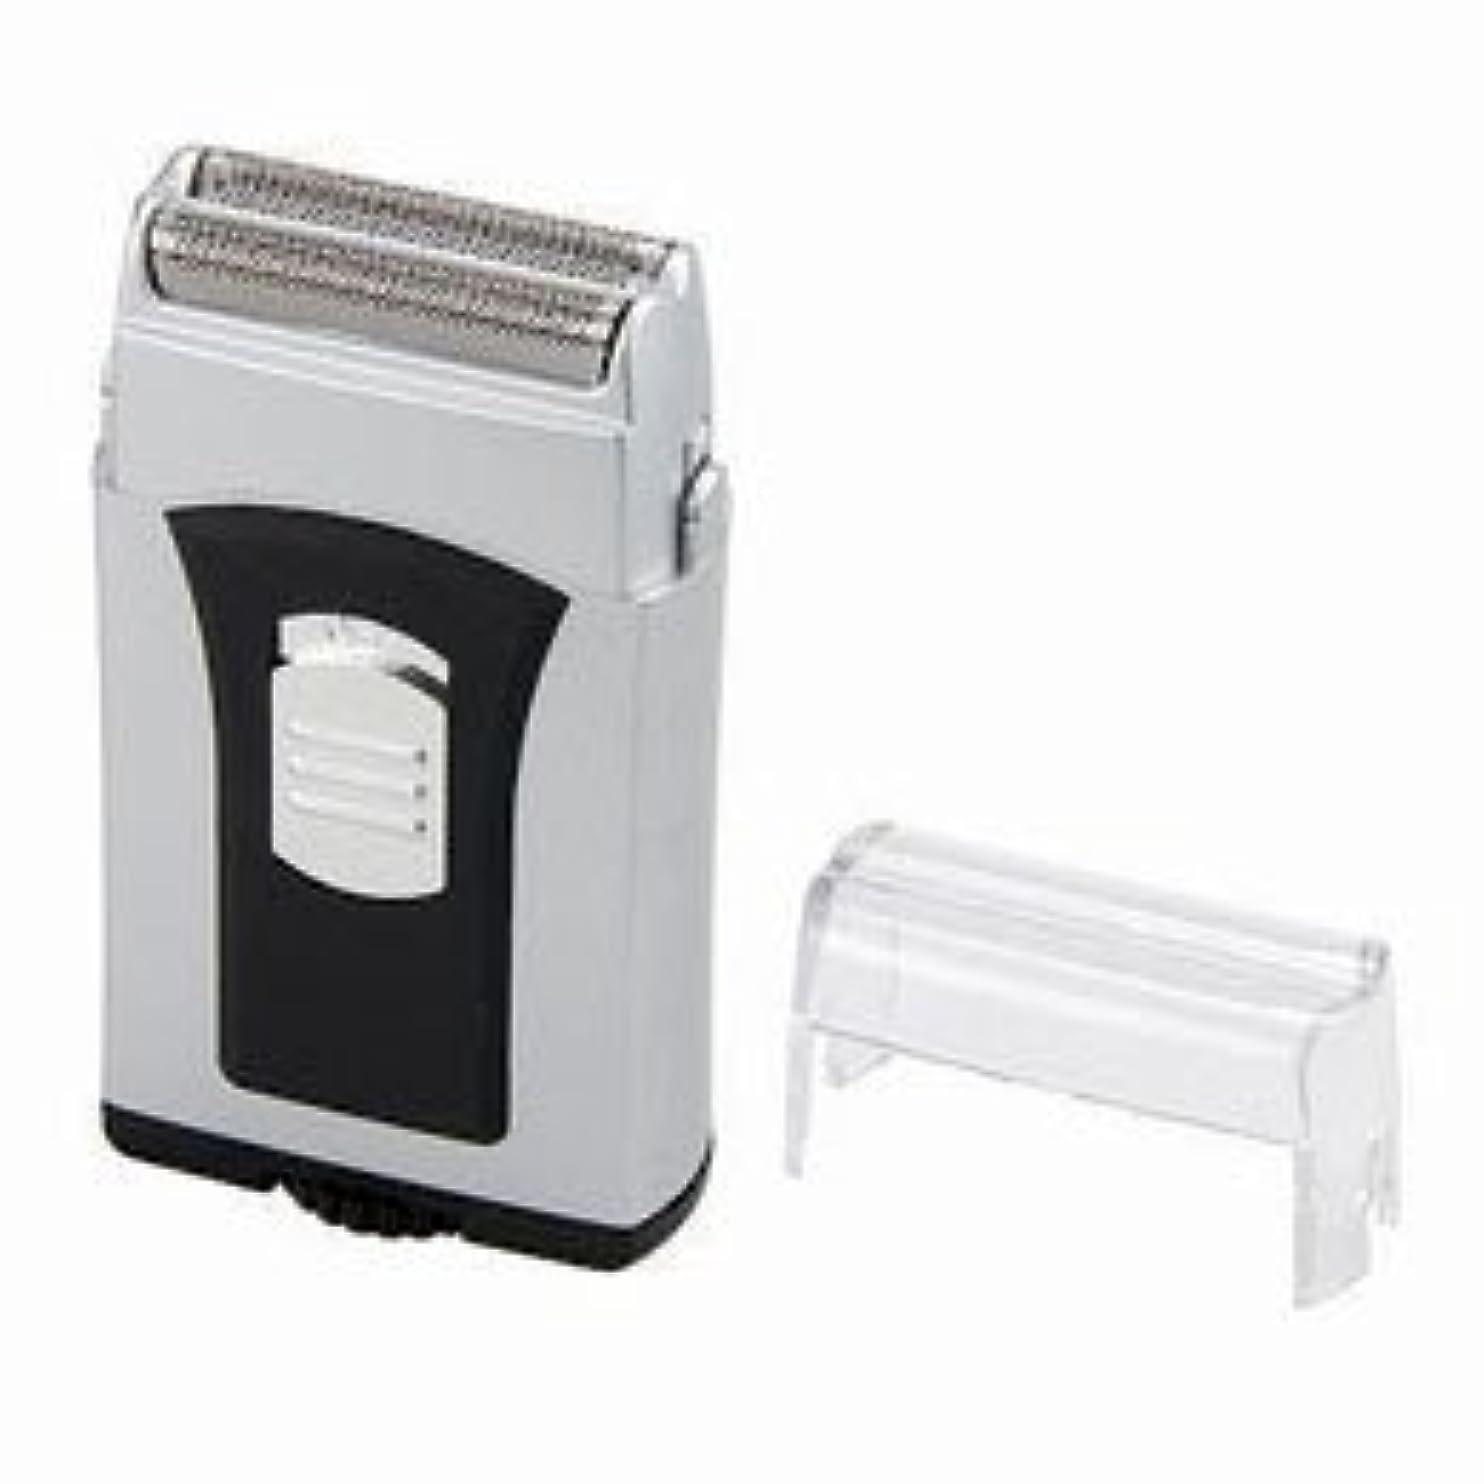 財布提案するオーディション(9個まとめ売り) YAZAWA 防水2枚刃コンパクトシェーバー CHM106SV